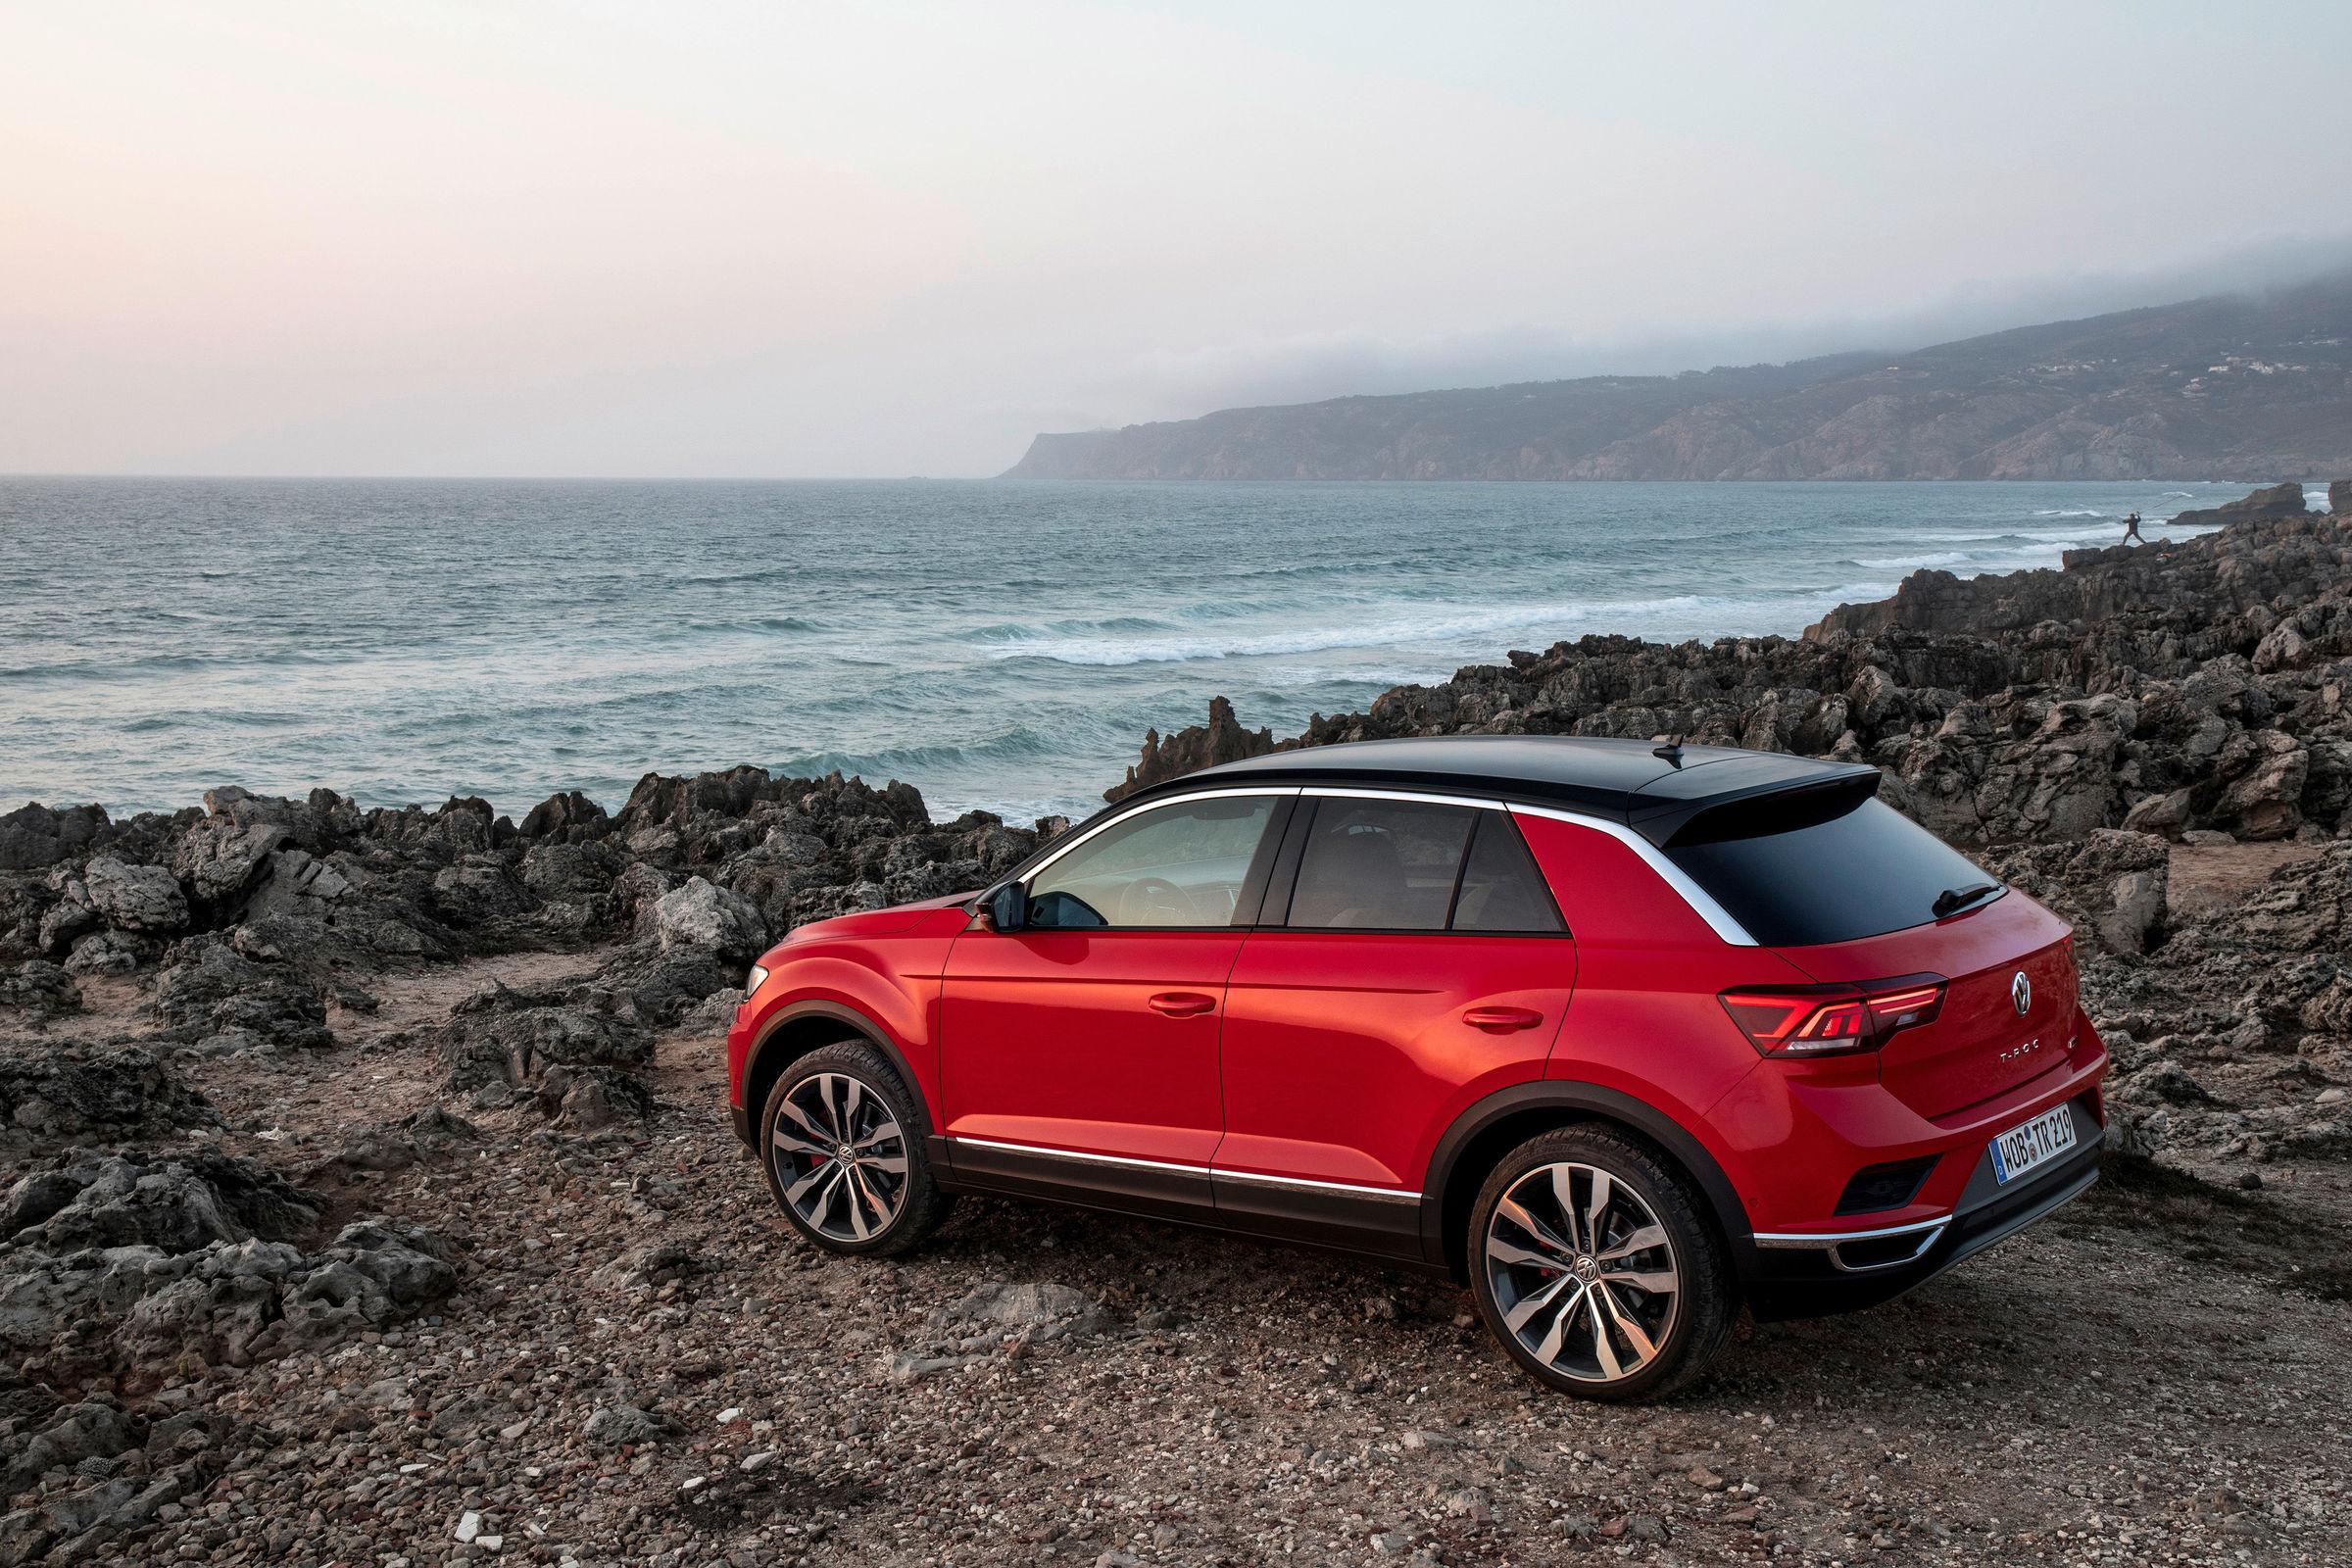 Červený Volkswagen T-roc na pobreží